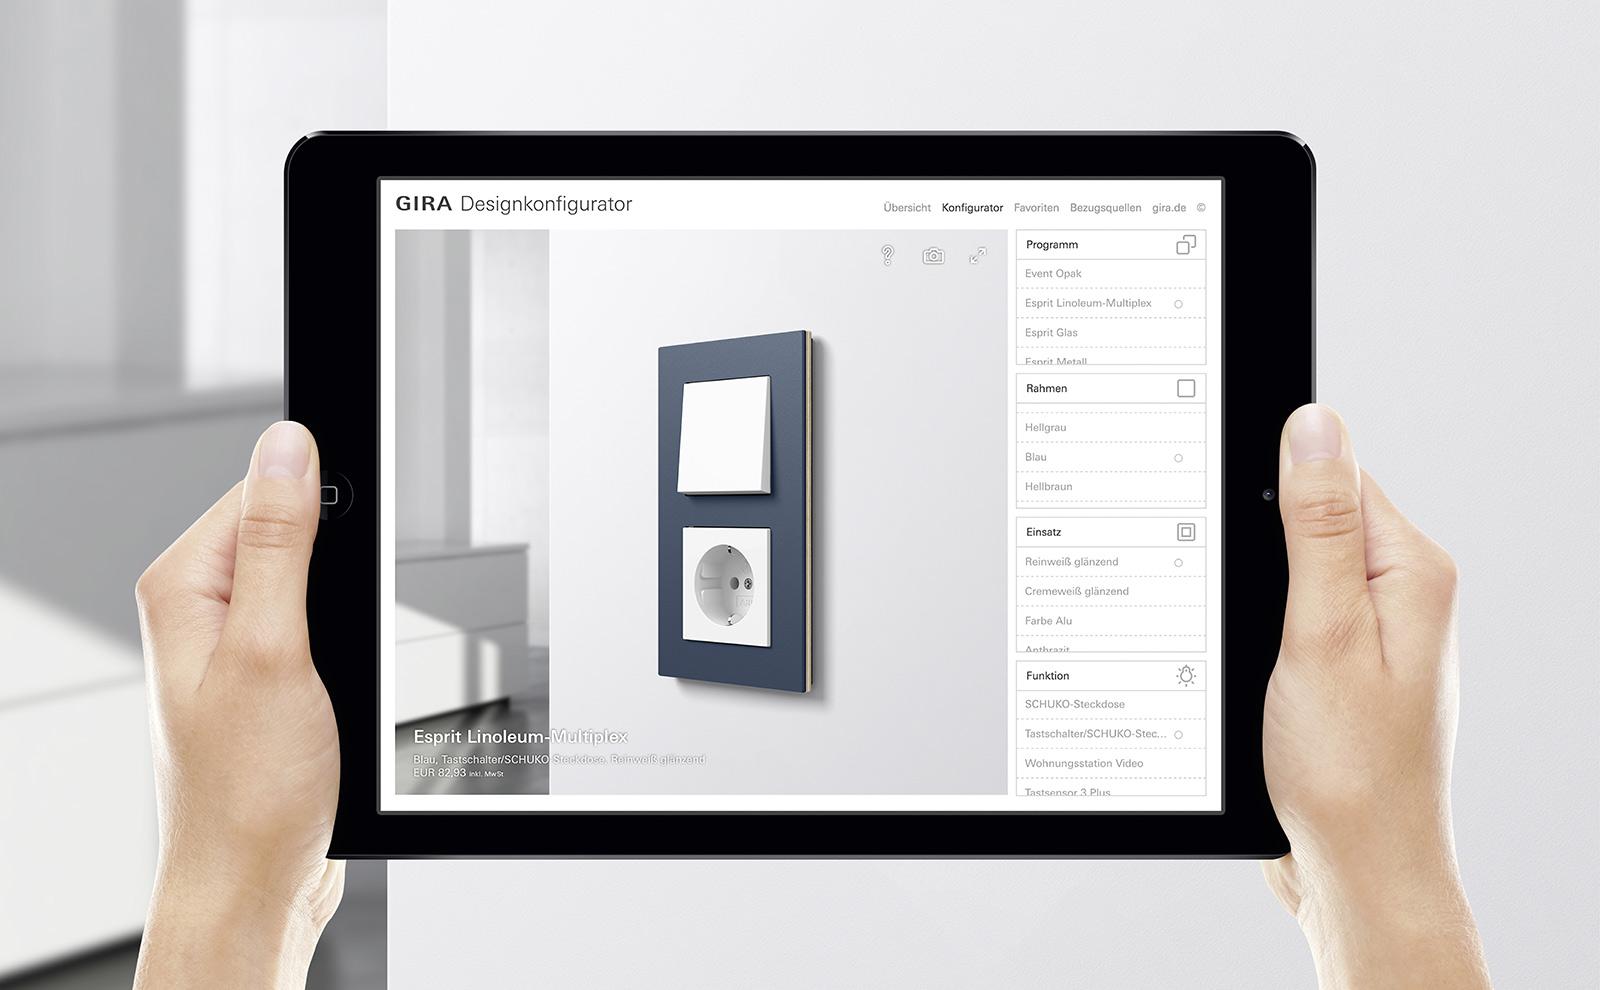 designkonfigurator-live-view